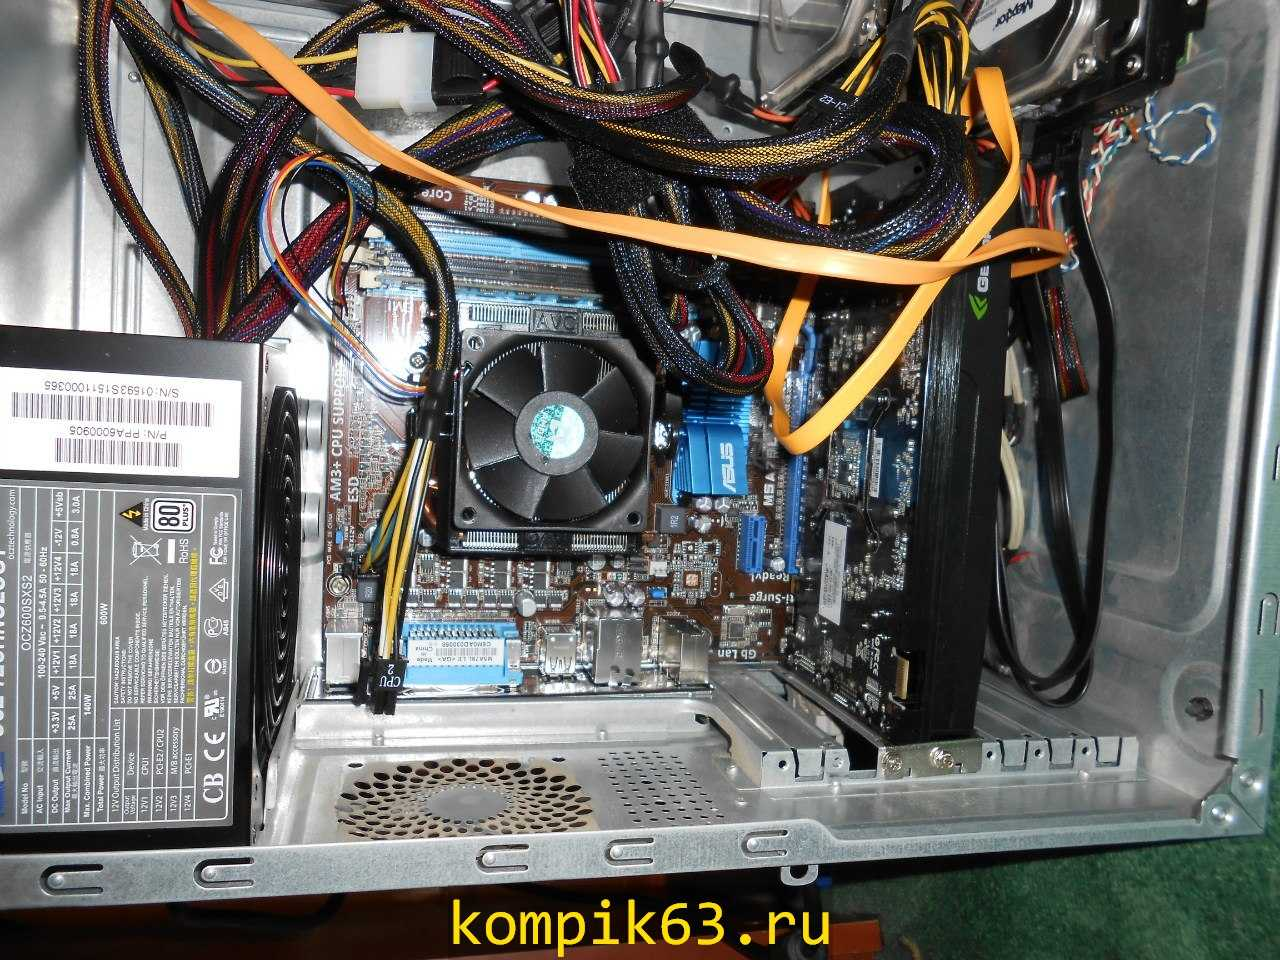 kompik63.ru-119